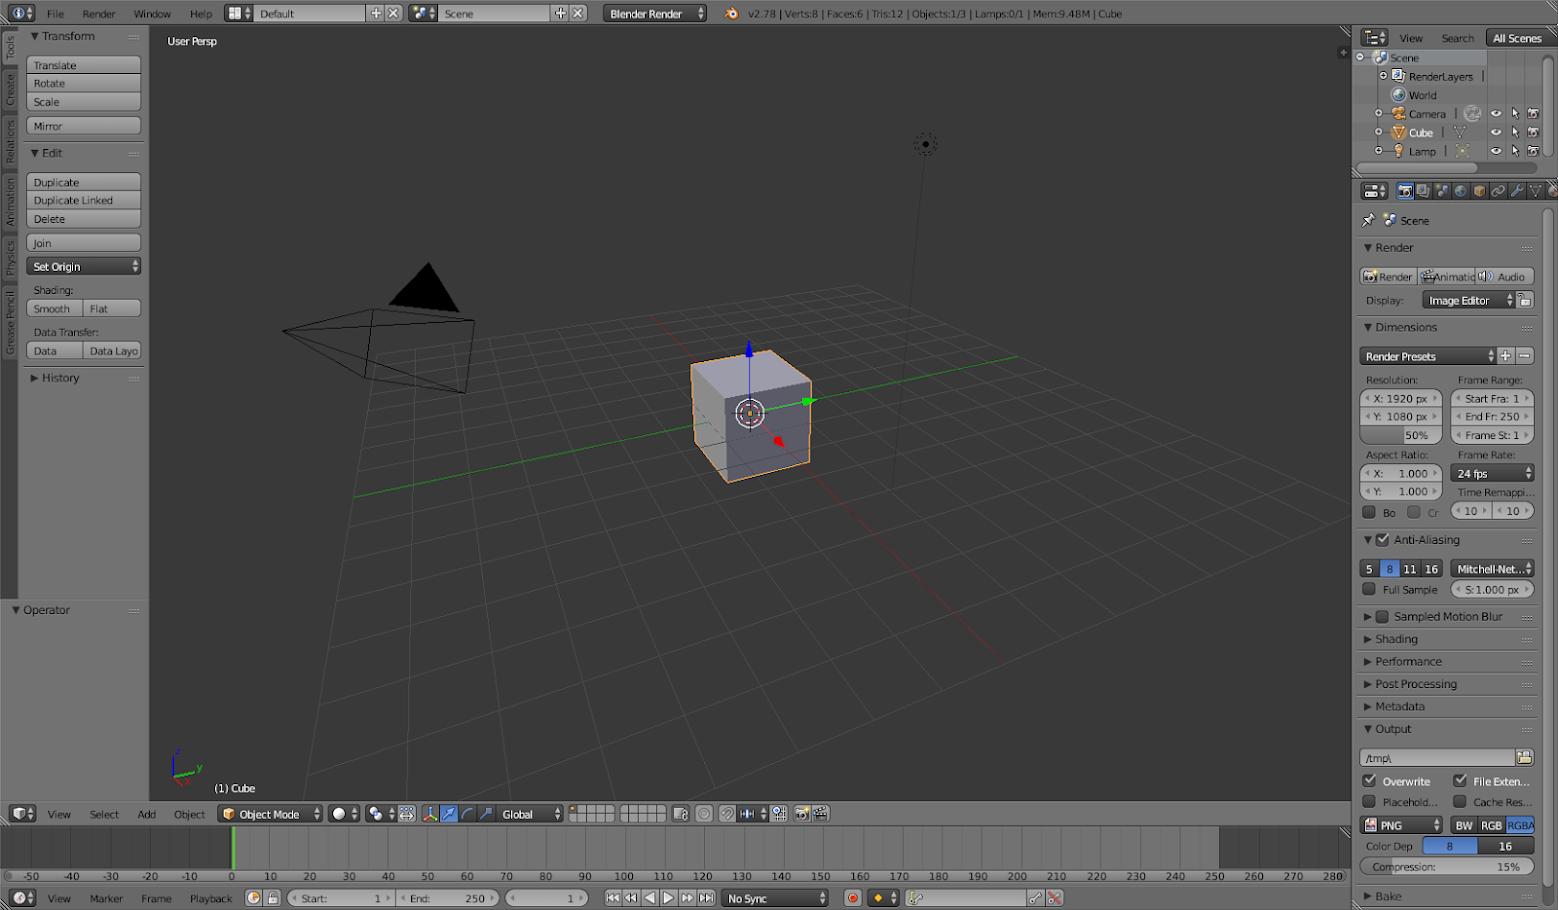 Delete cube